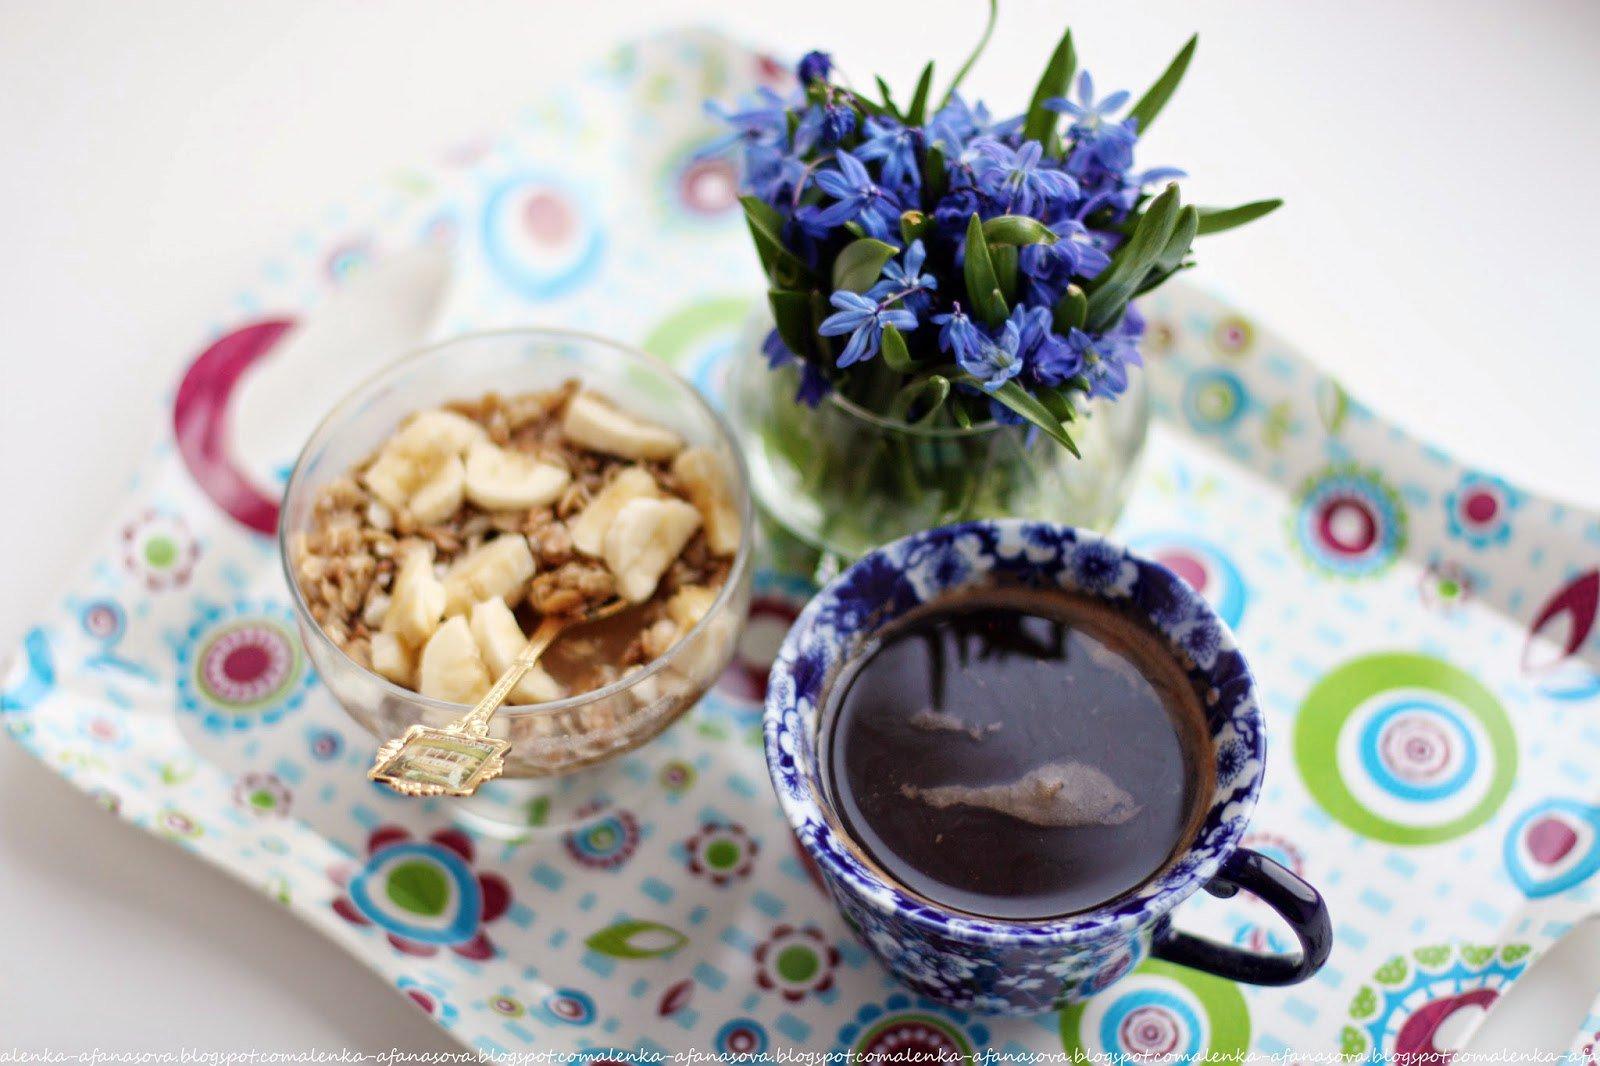 картинка весеннее утро с кофе есть, охваченными огнем